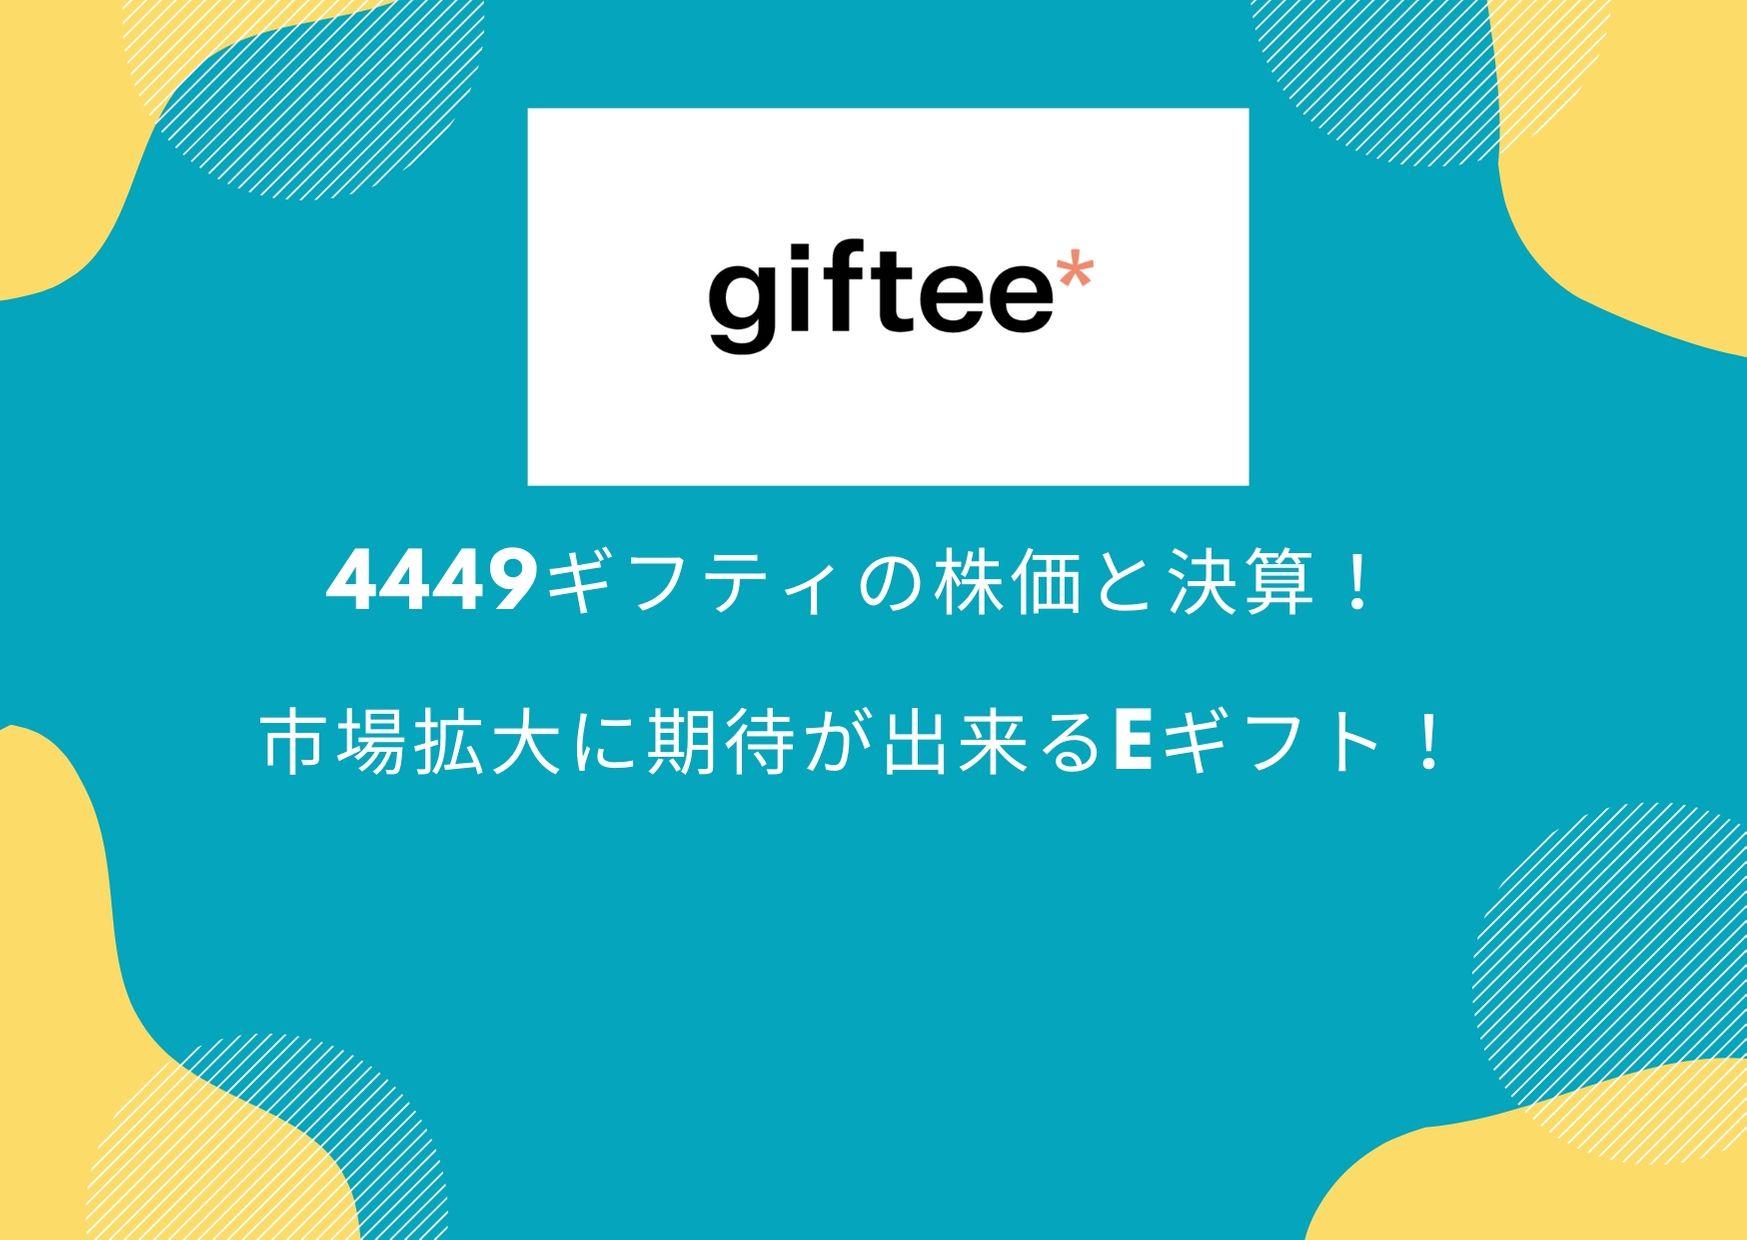 4449ギフティの株価と決算! 市場拡大に期待が出来るEギフト!